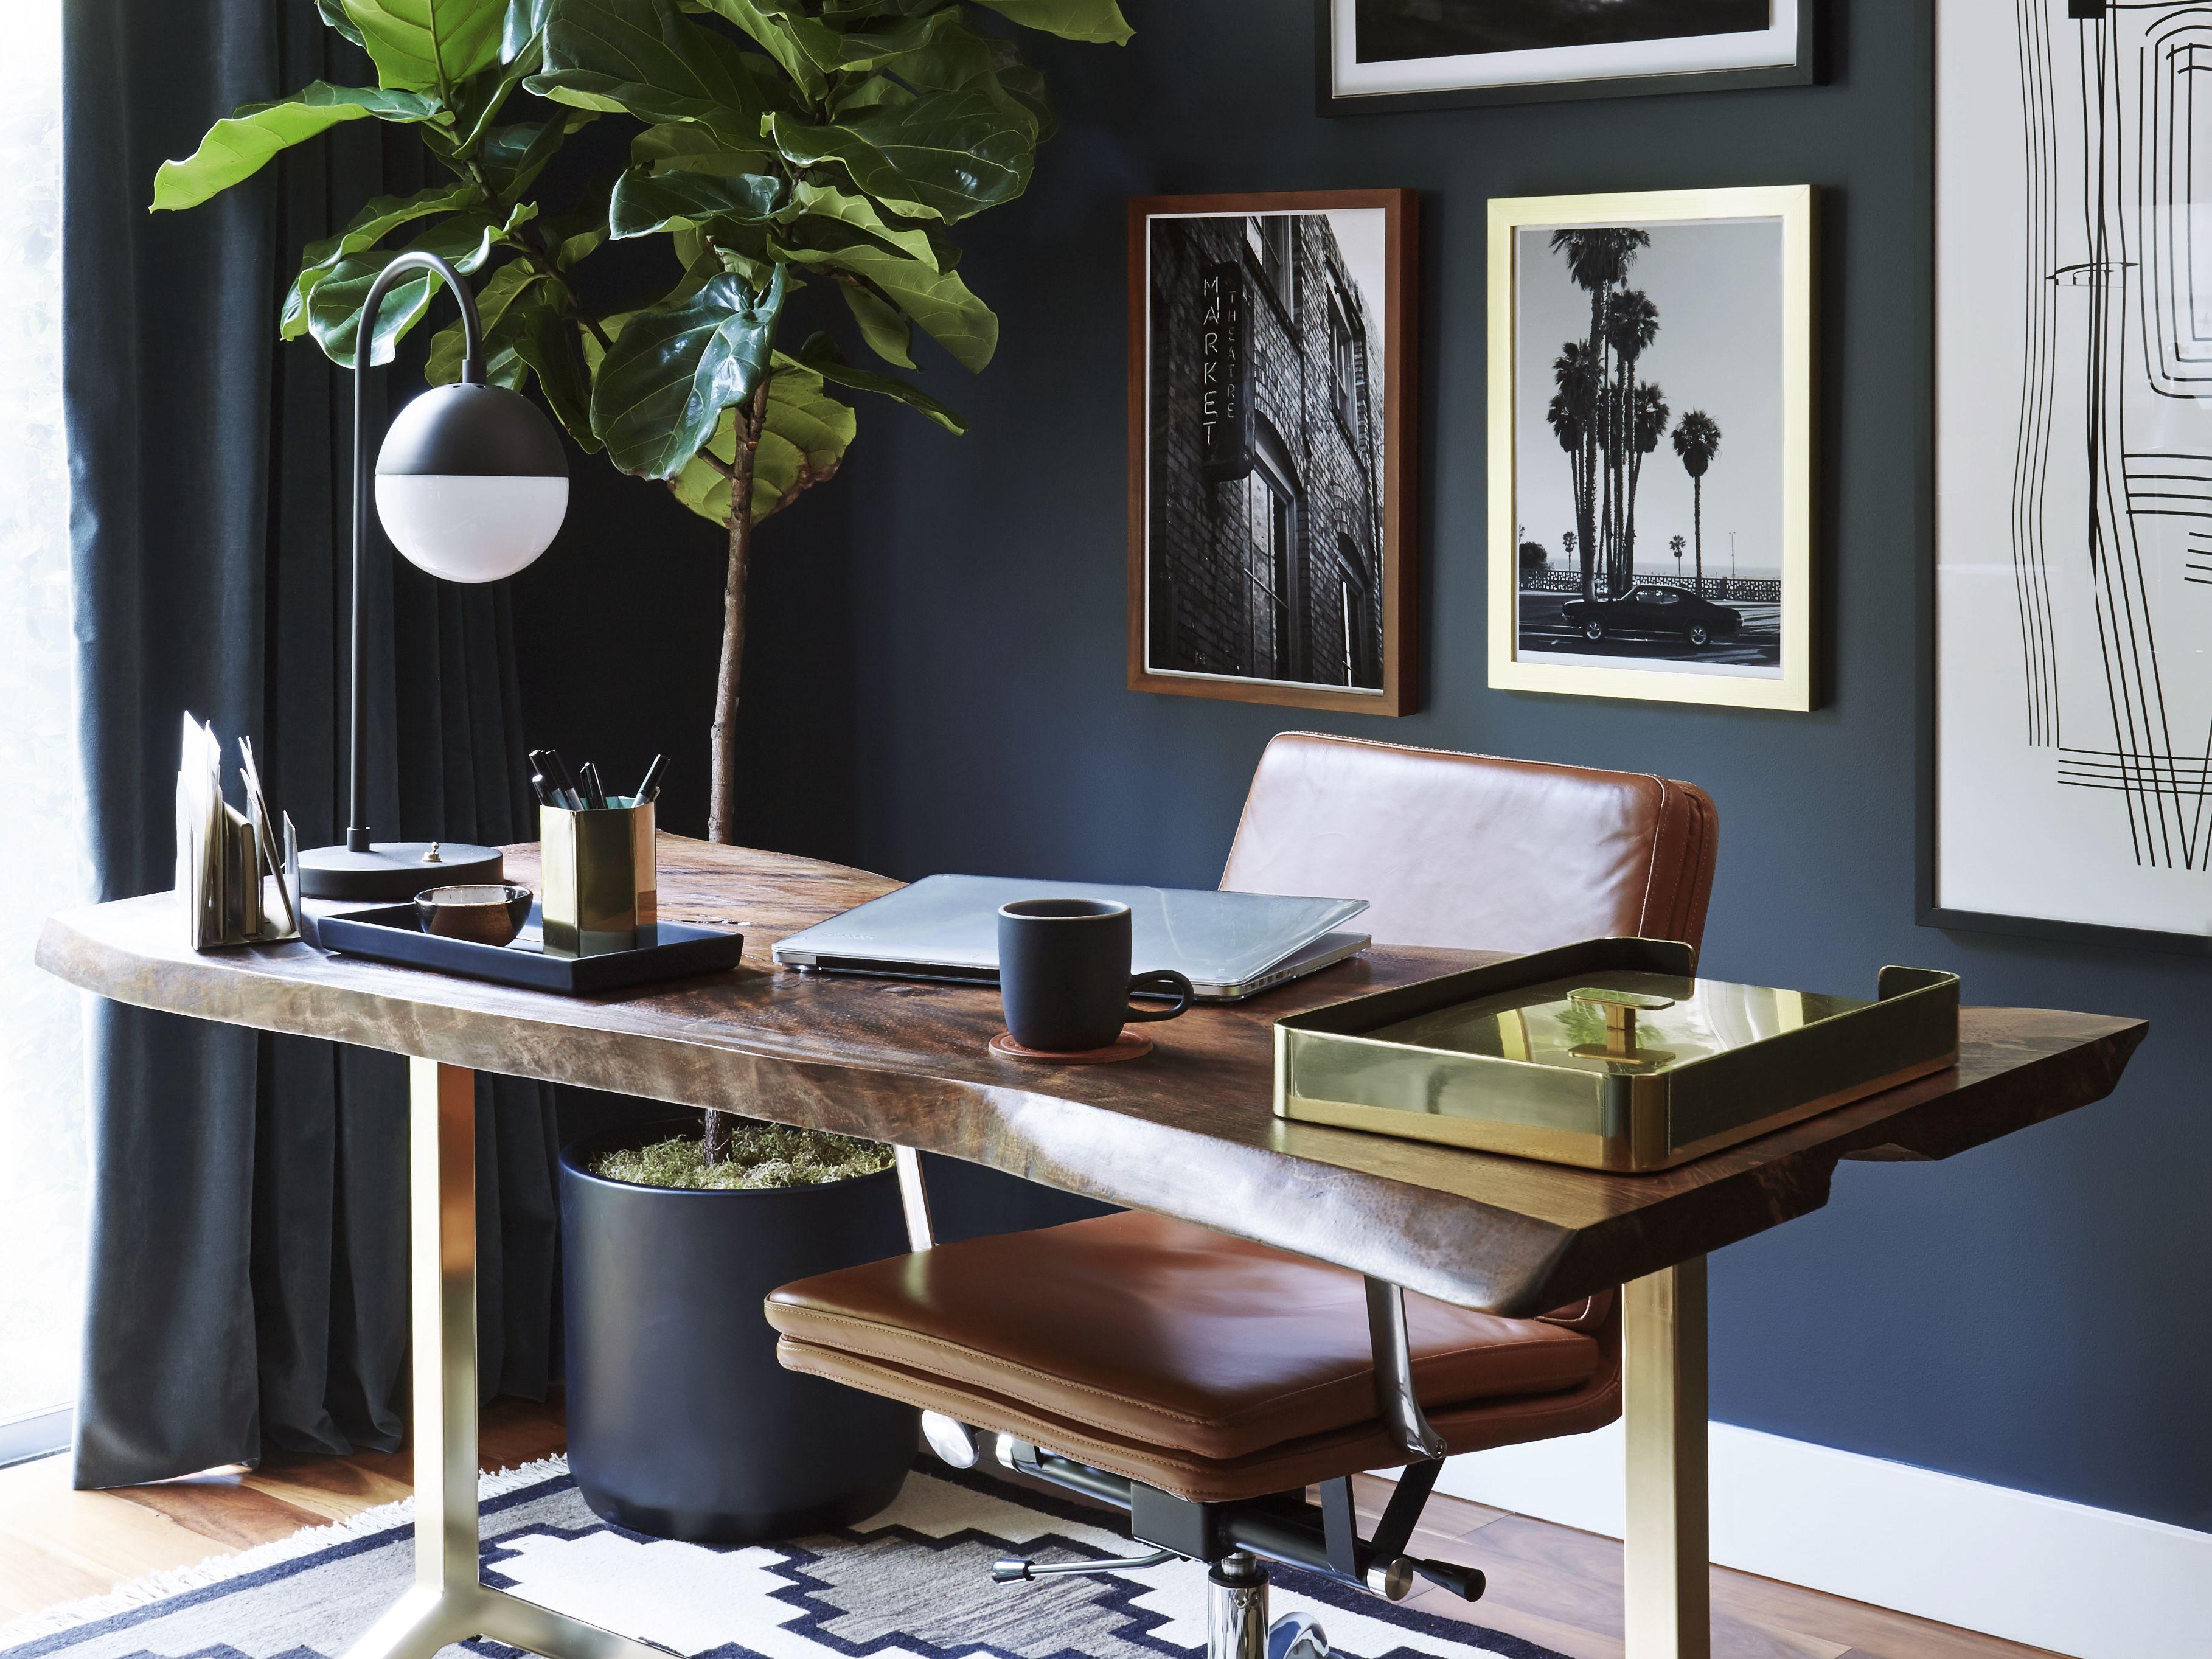 32 Feng Shui Home Office Design Ideas